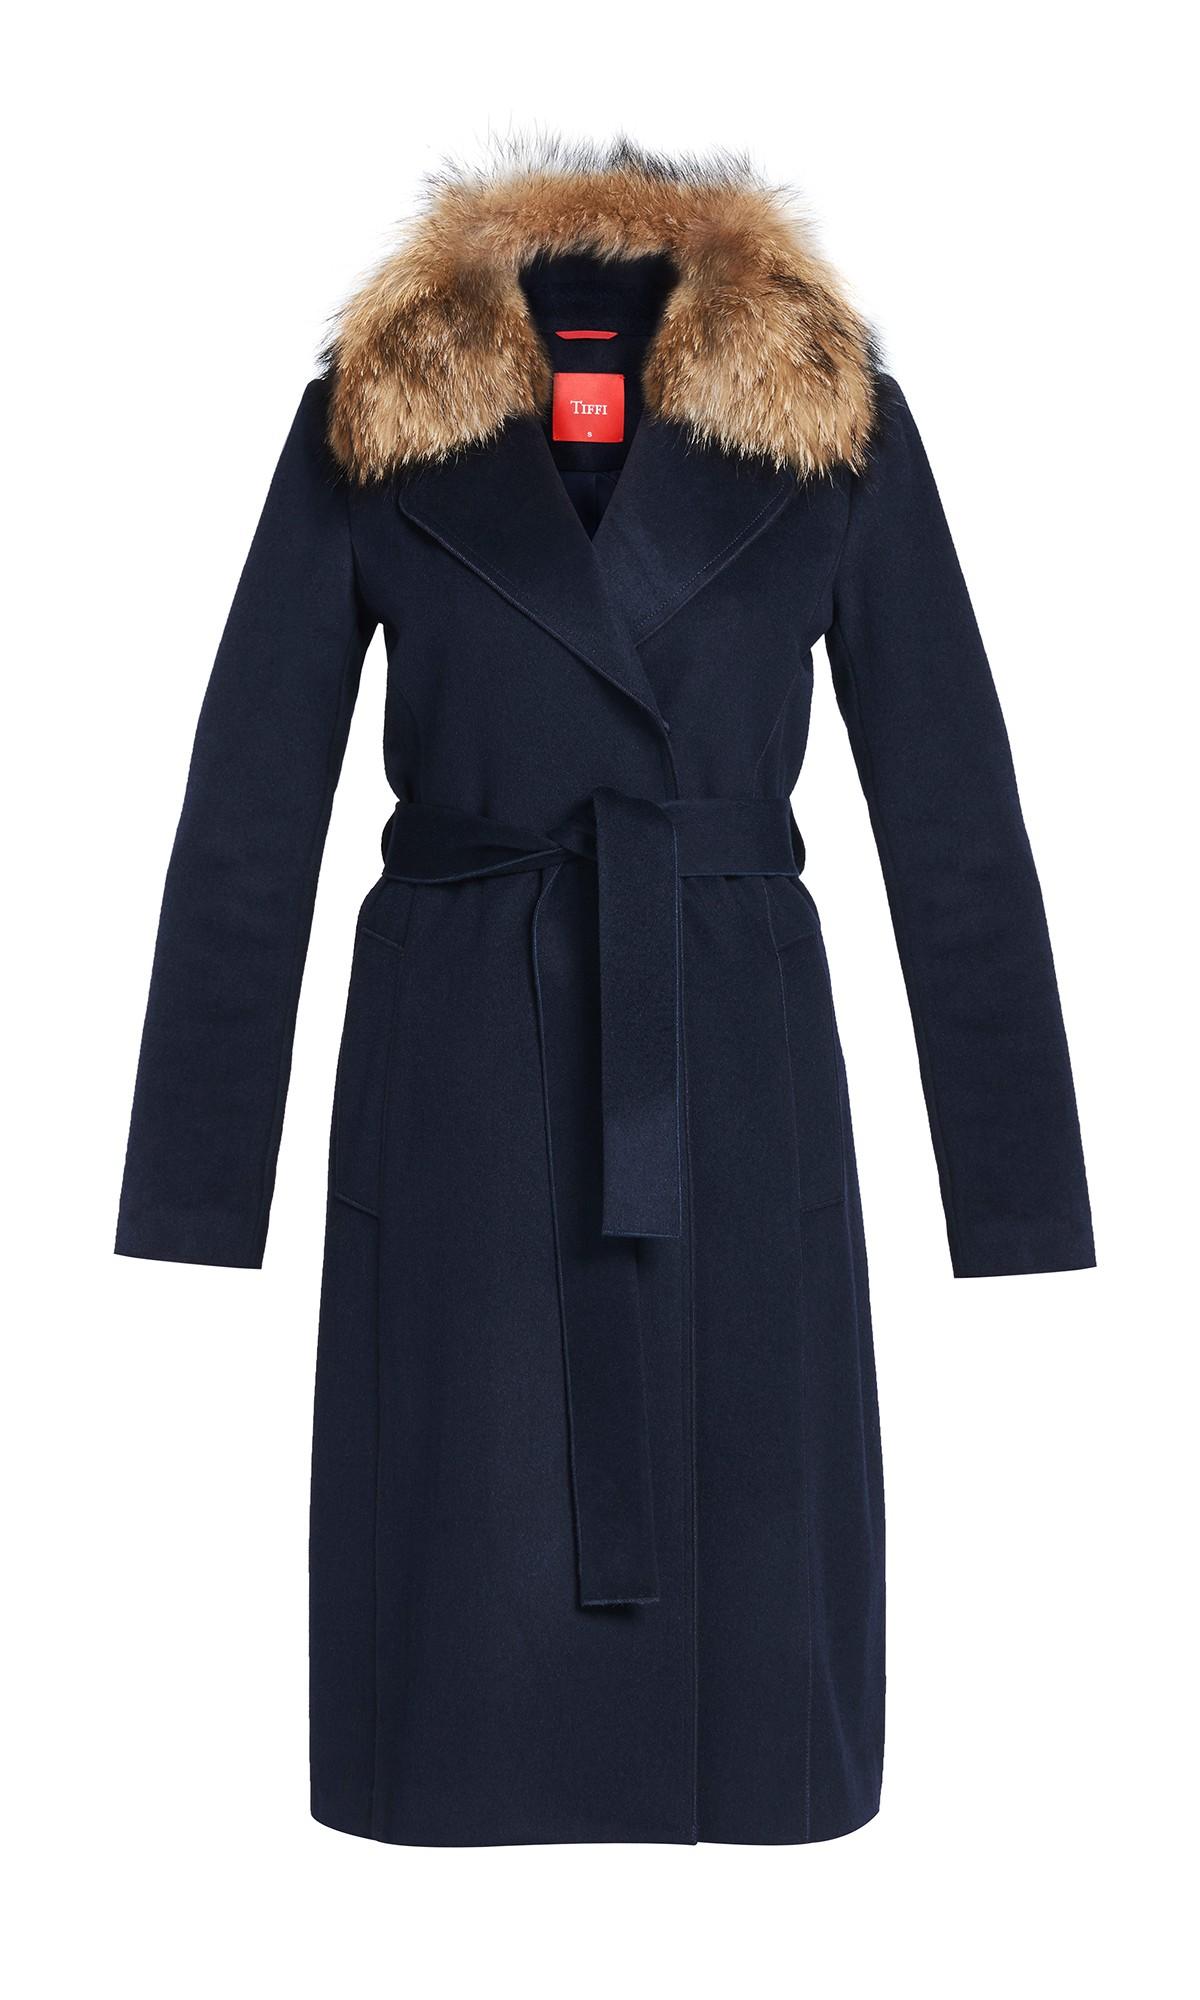 płaszcz Tiffi z kaszmirem i wełną, wiązany w pasie w kolorze czarnym, kołnierz futro